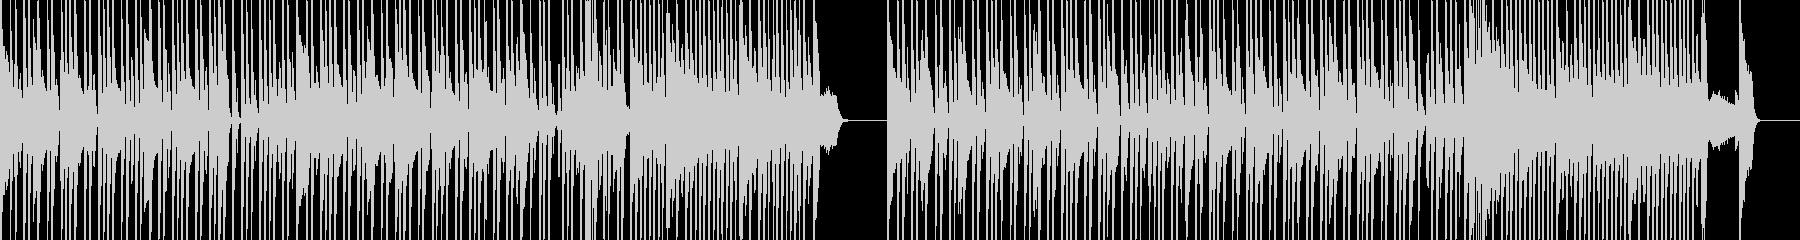 スピード感ある響きが特徴的なメロディーの未再生の波形